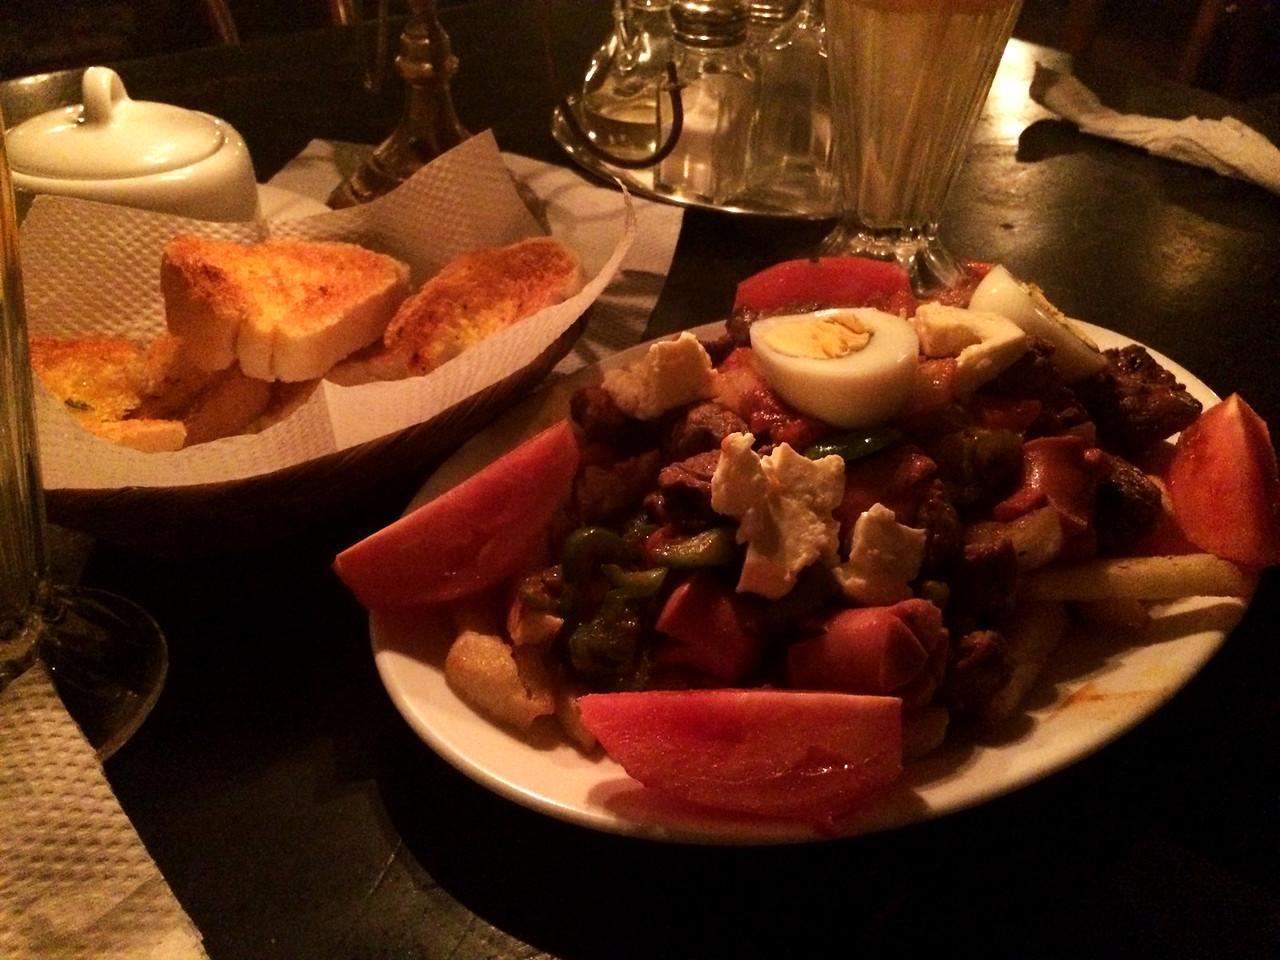 Last dinner - Pique Macho!